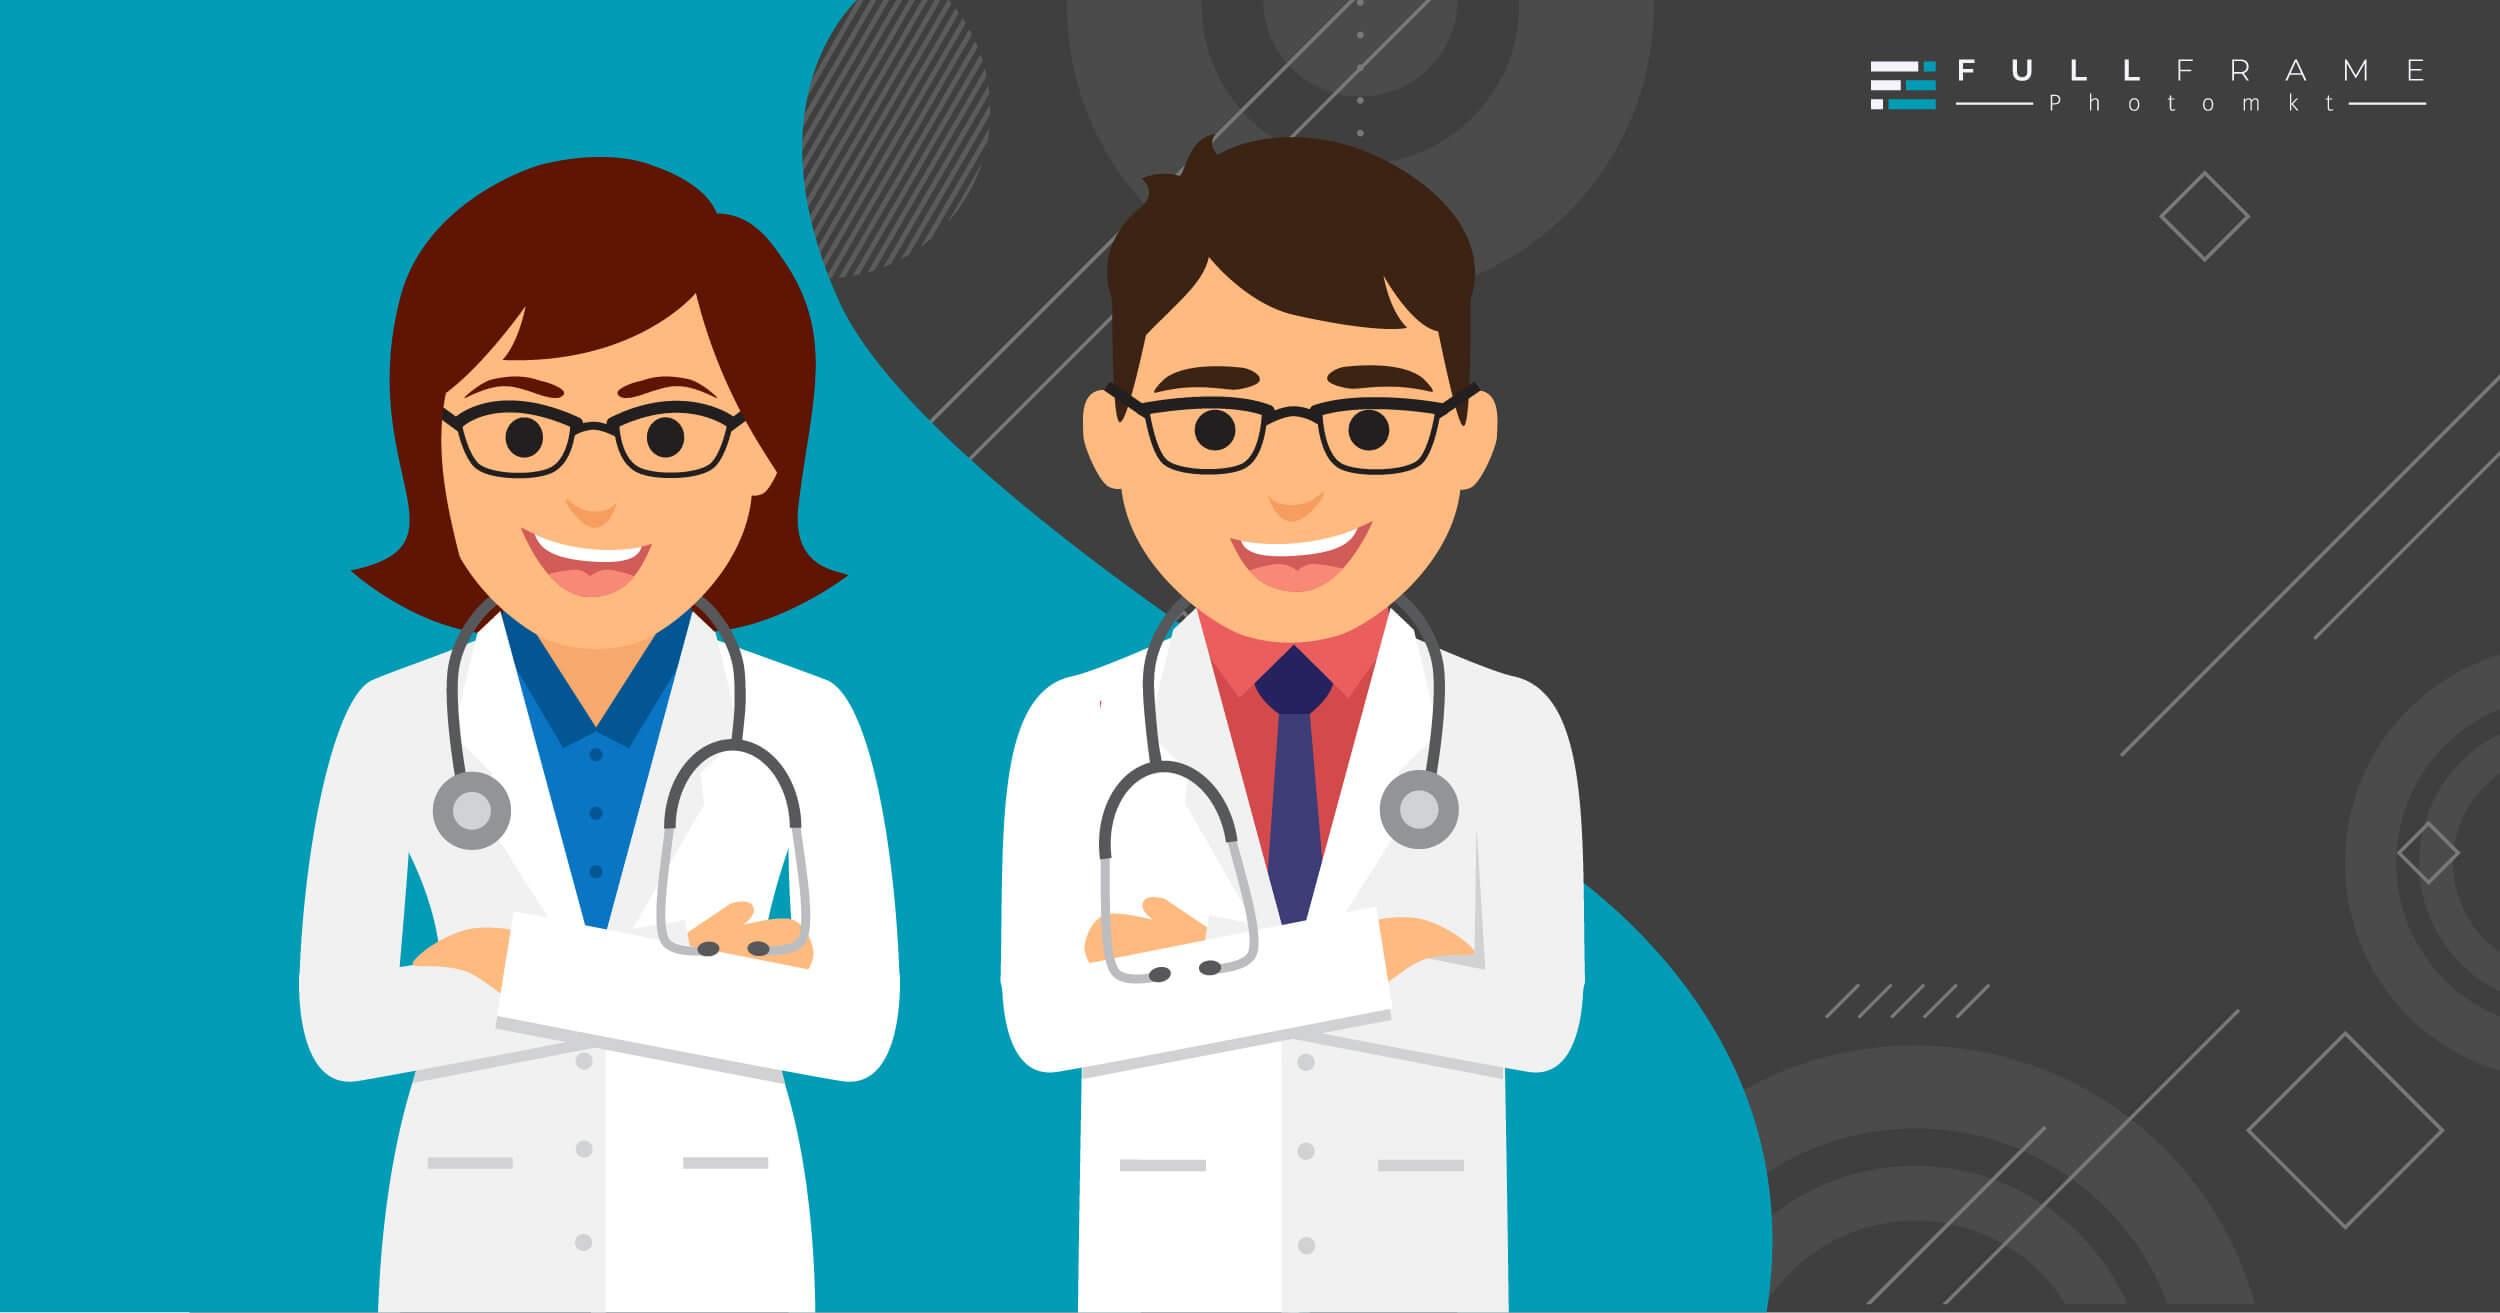 Blog-FullFrame-Photomkt-Mercadotecnia-Para-Doctores (6)